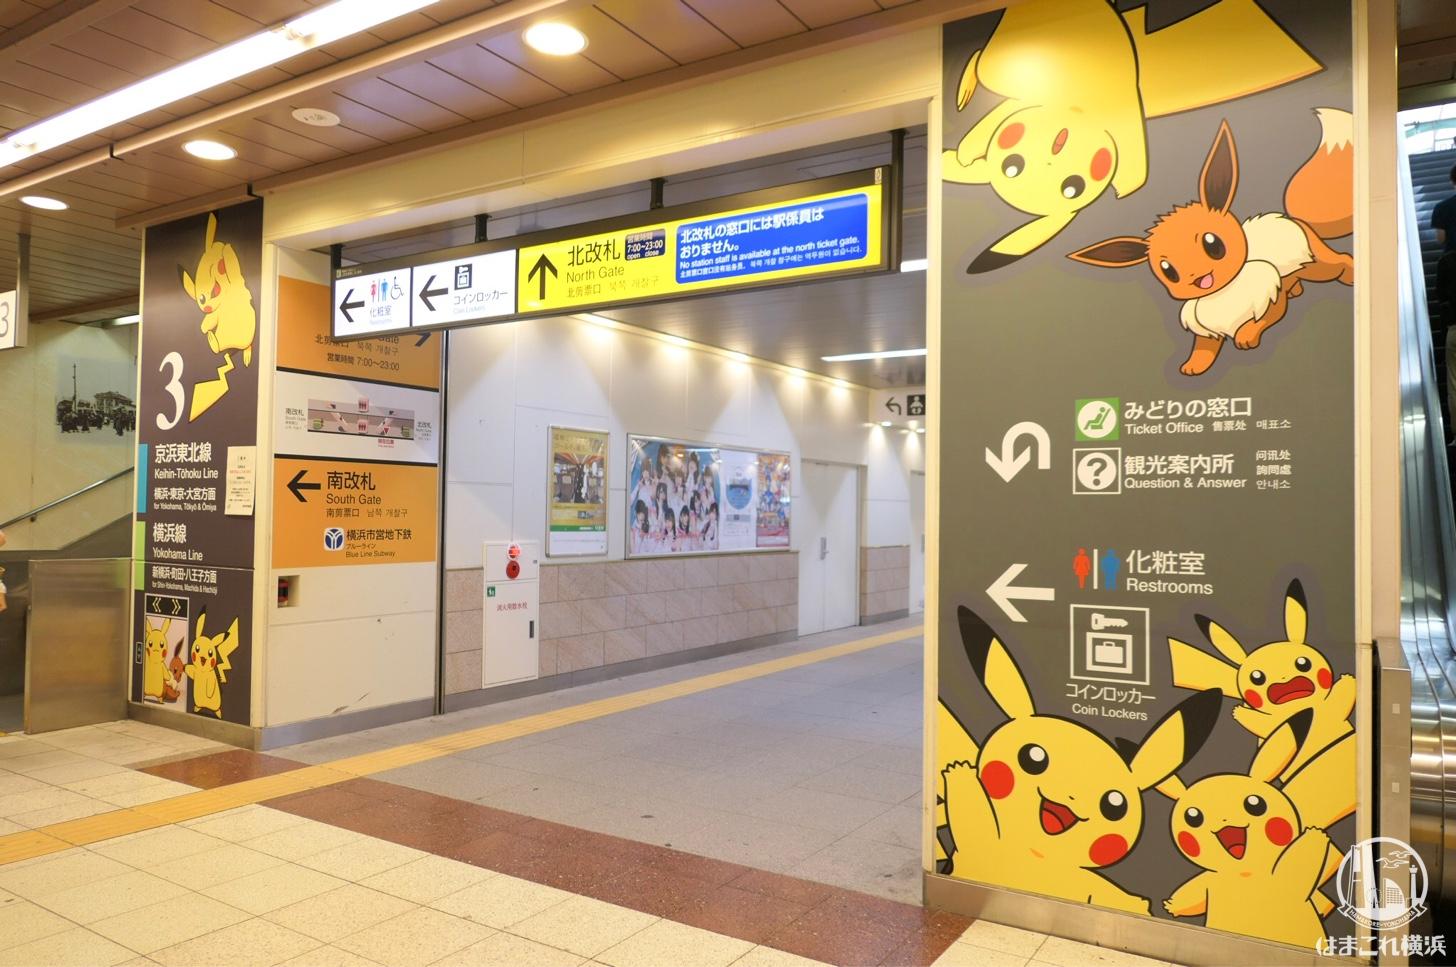 JR桜木町駅 番線案内のピカチュウとイーブイ